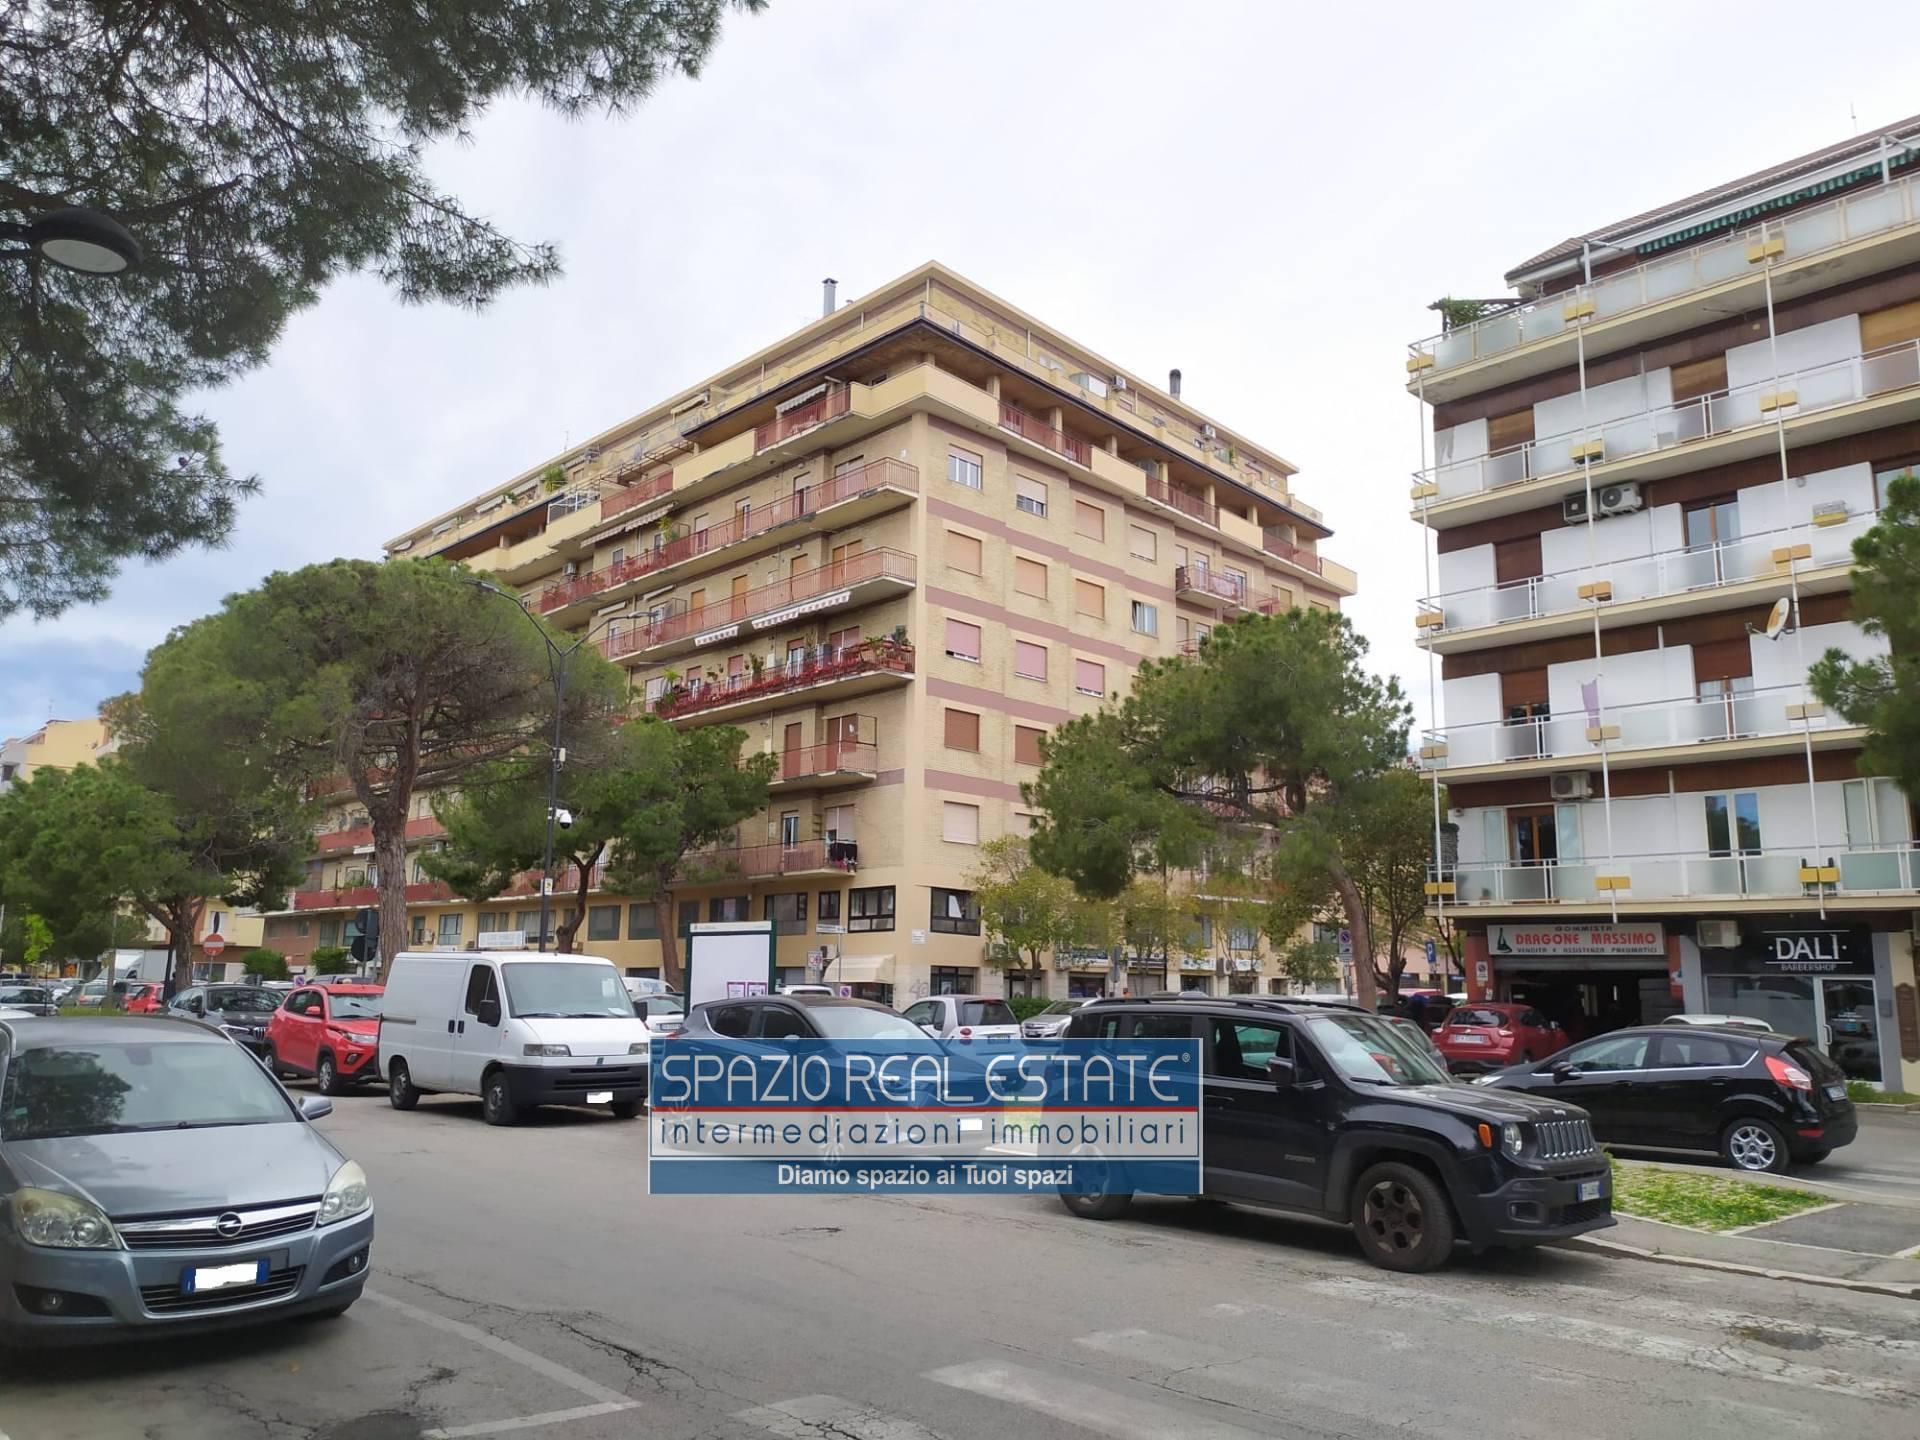 Attico / Mansarda in vendita a Pescara, 5 locali, zona Località: pescarazonastadio, prezzo € 299.000 | PortaleAgenzieImmobiliari.it